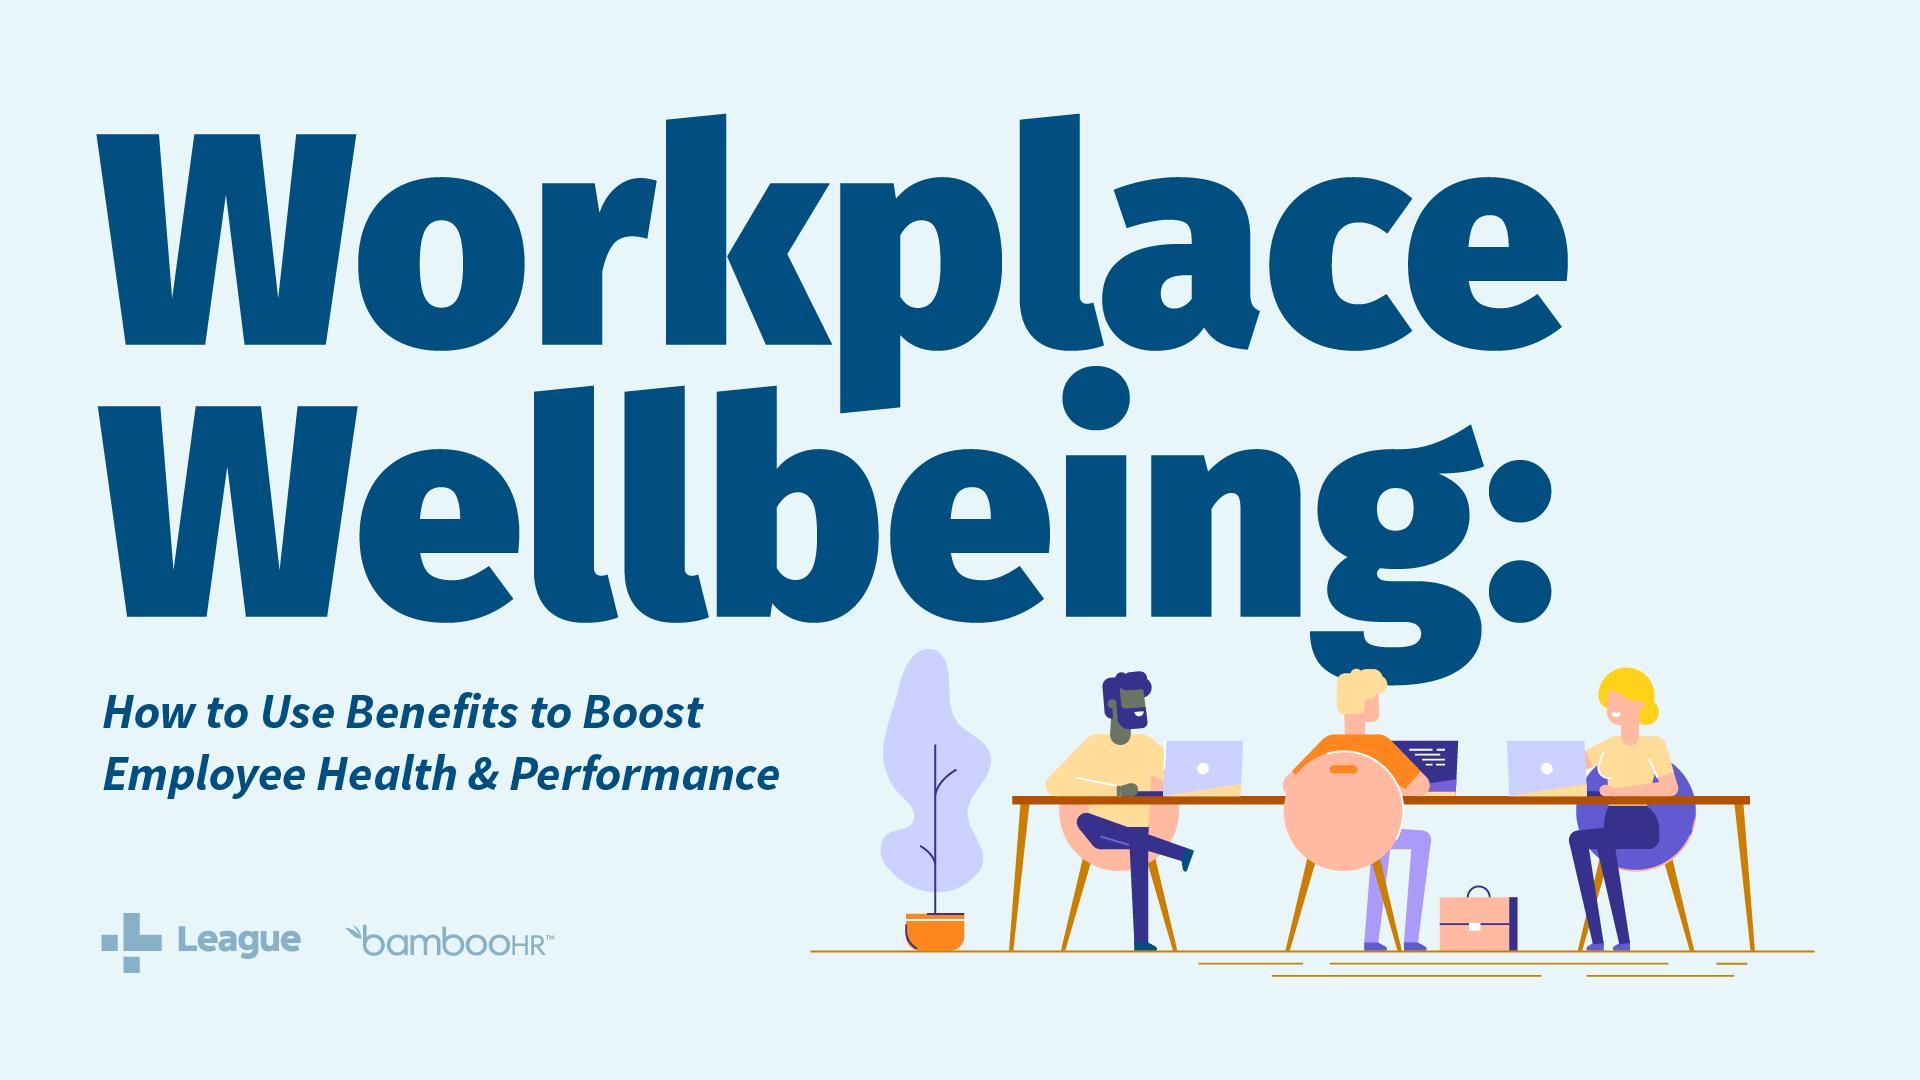 工作场所福利:如何使用福利来提升员工健康和性能